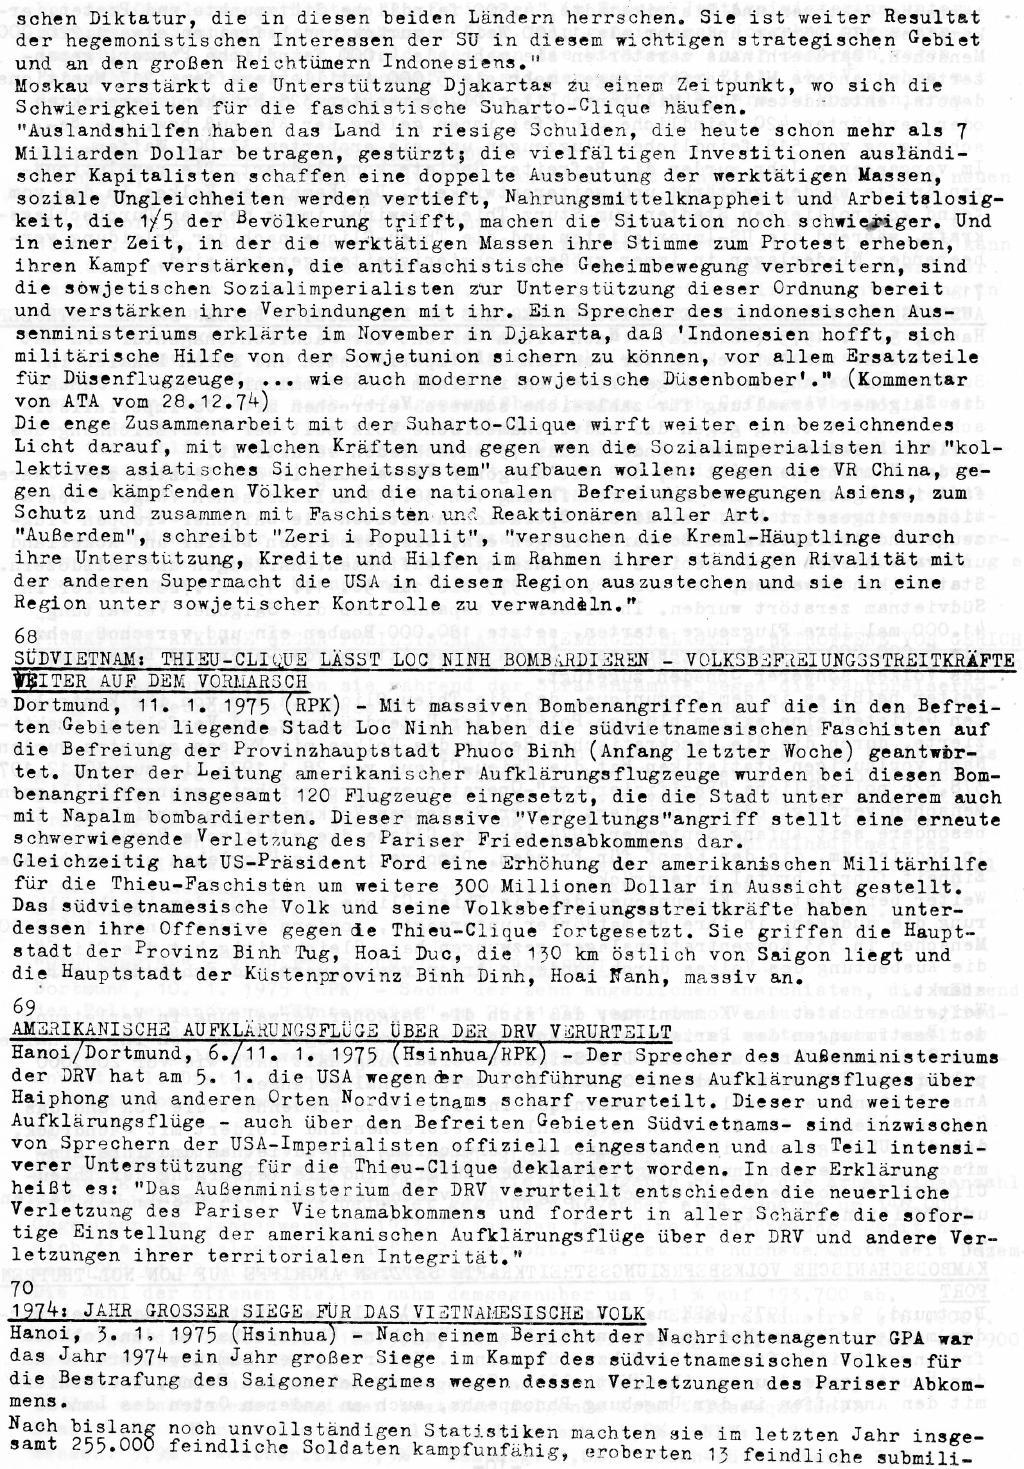 RPK_Pressedienst_1975_08_09